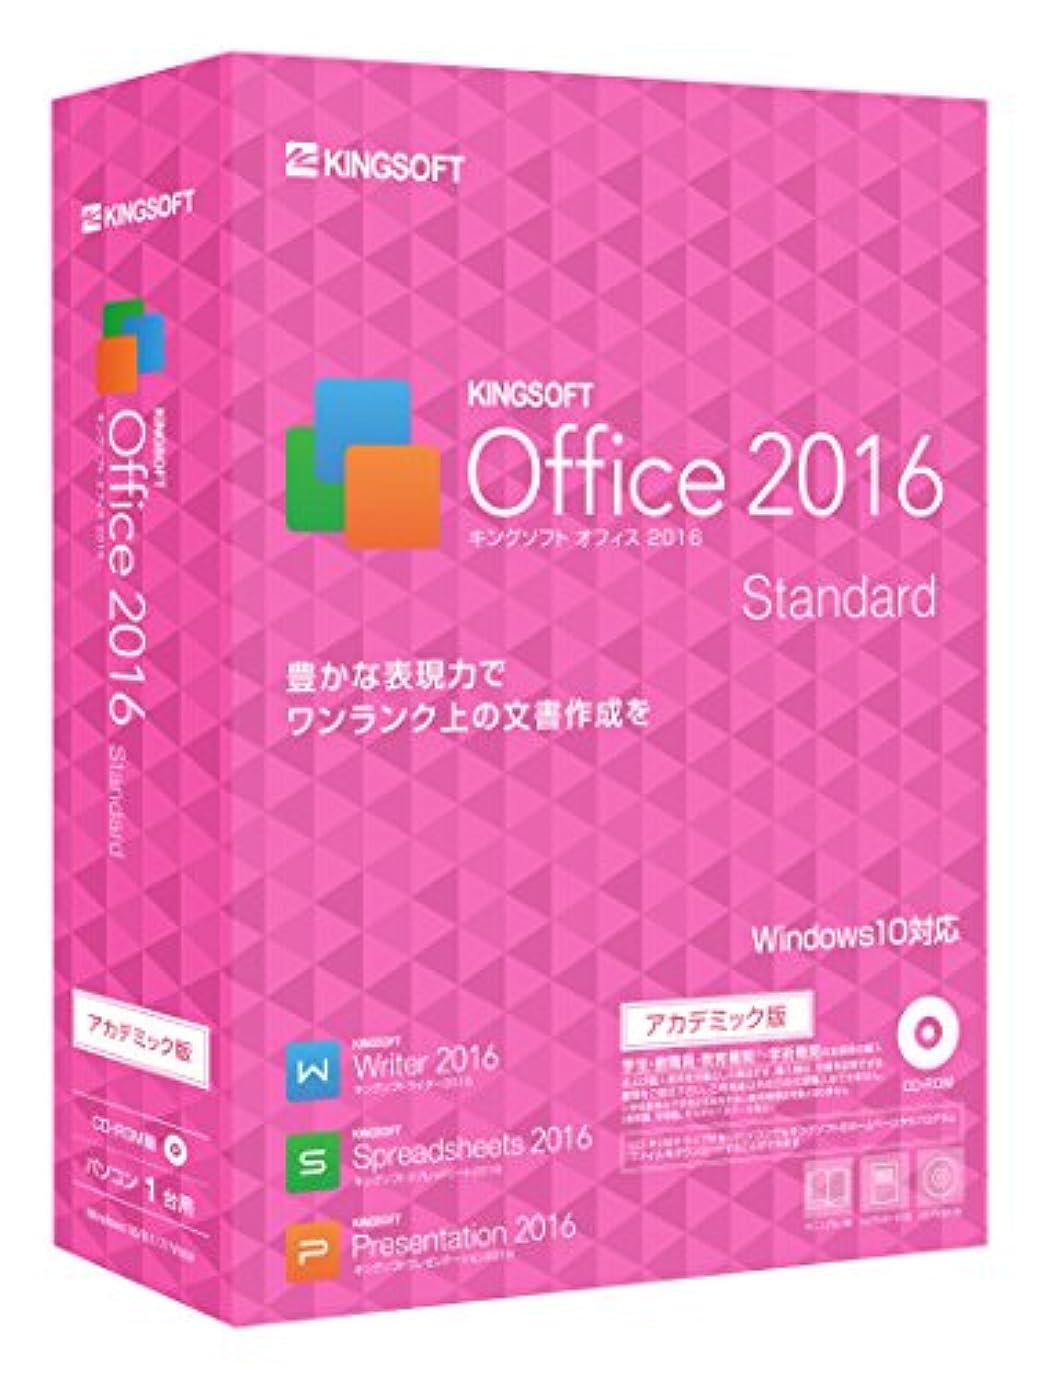 公平高尚なはずKINGSOFT Office 2016 Standard パッケージアカデミック版